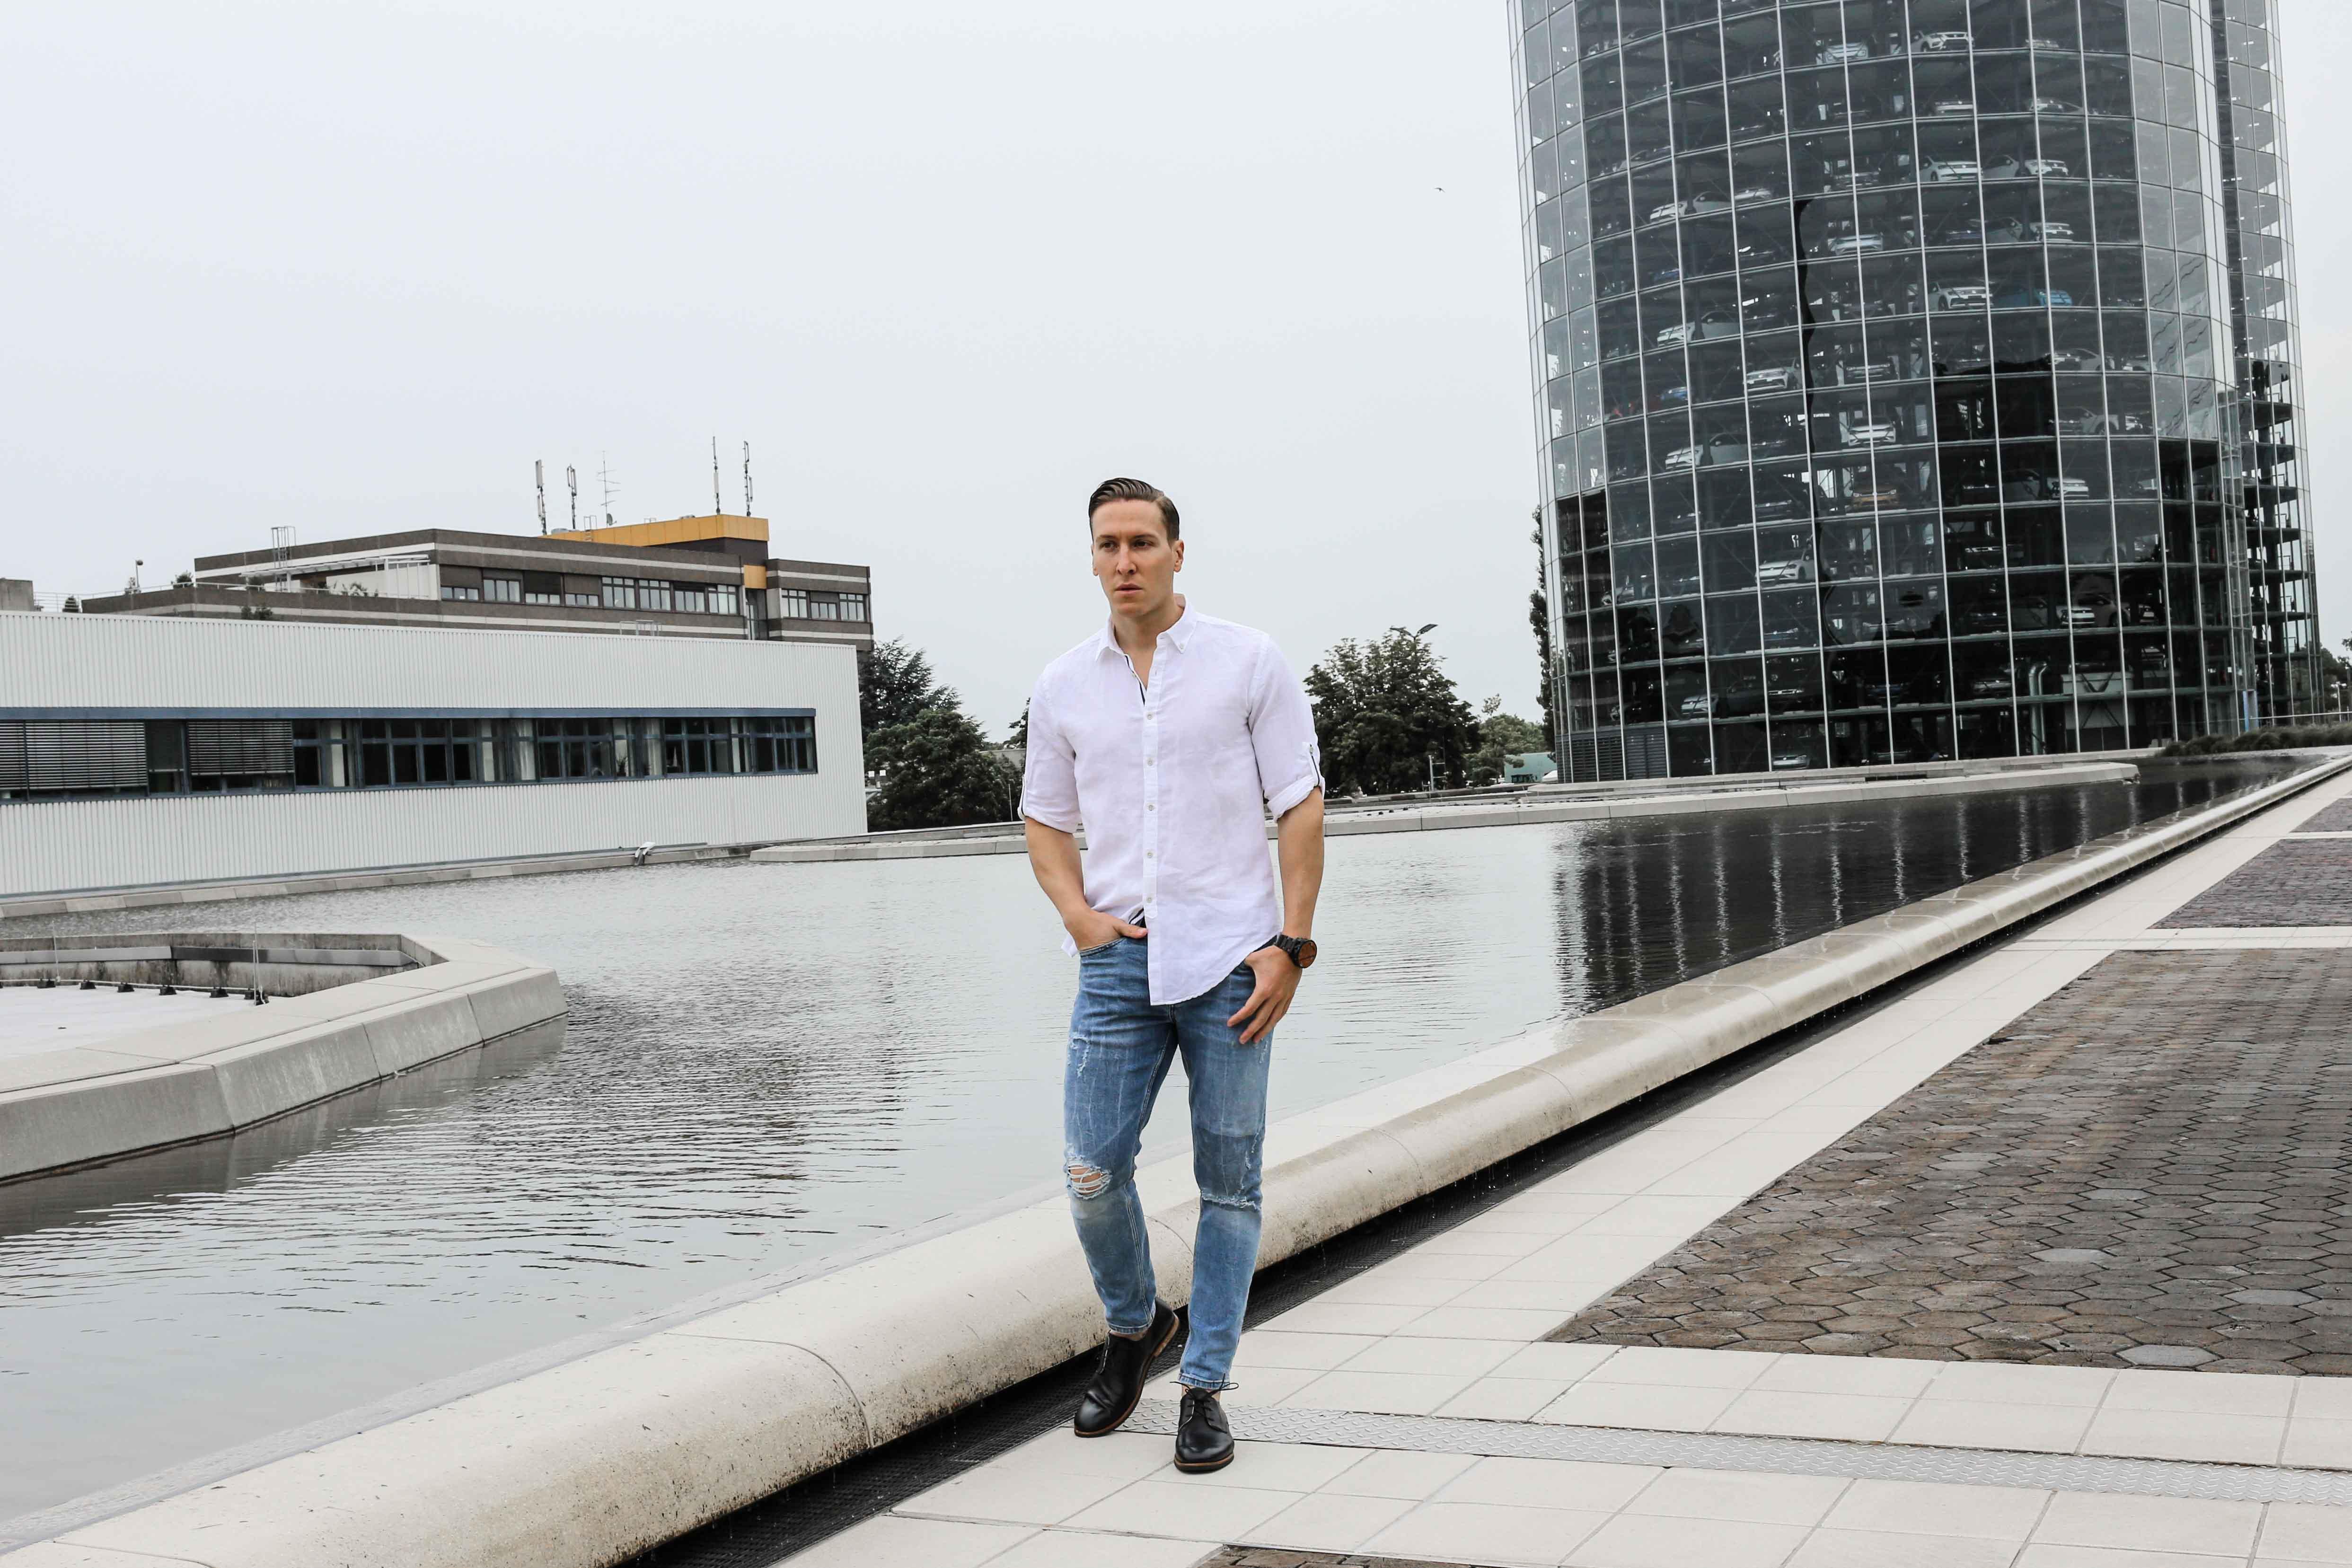 sommer-look-weißes-leinenhemd-ripped-blue-jeans-freizeit-lederschuhe-modeblog-männerblog_0348